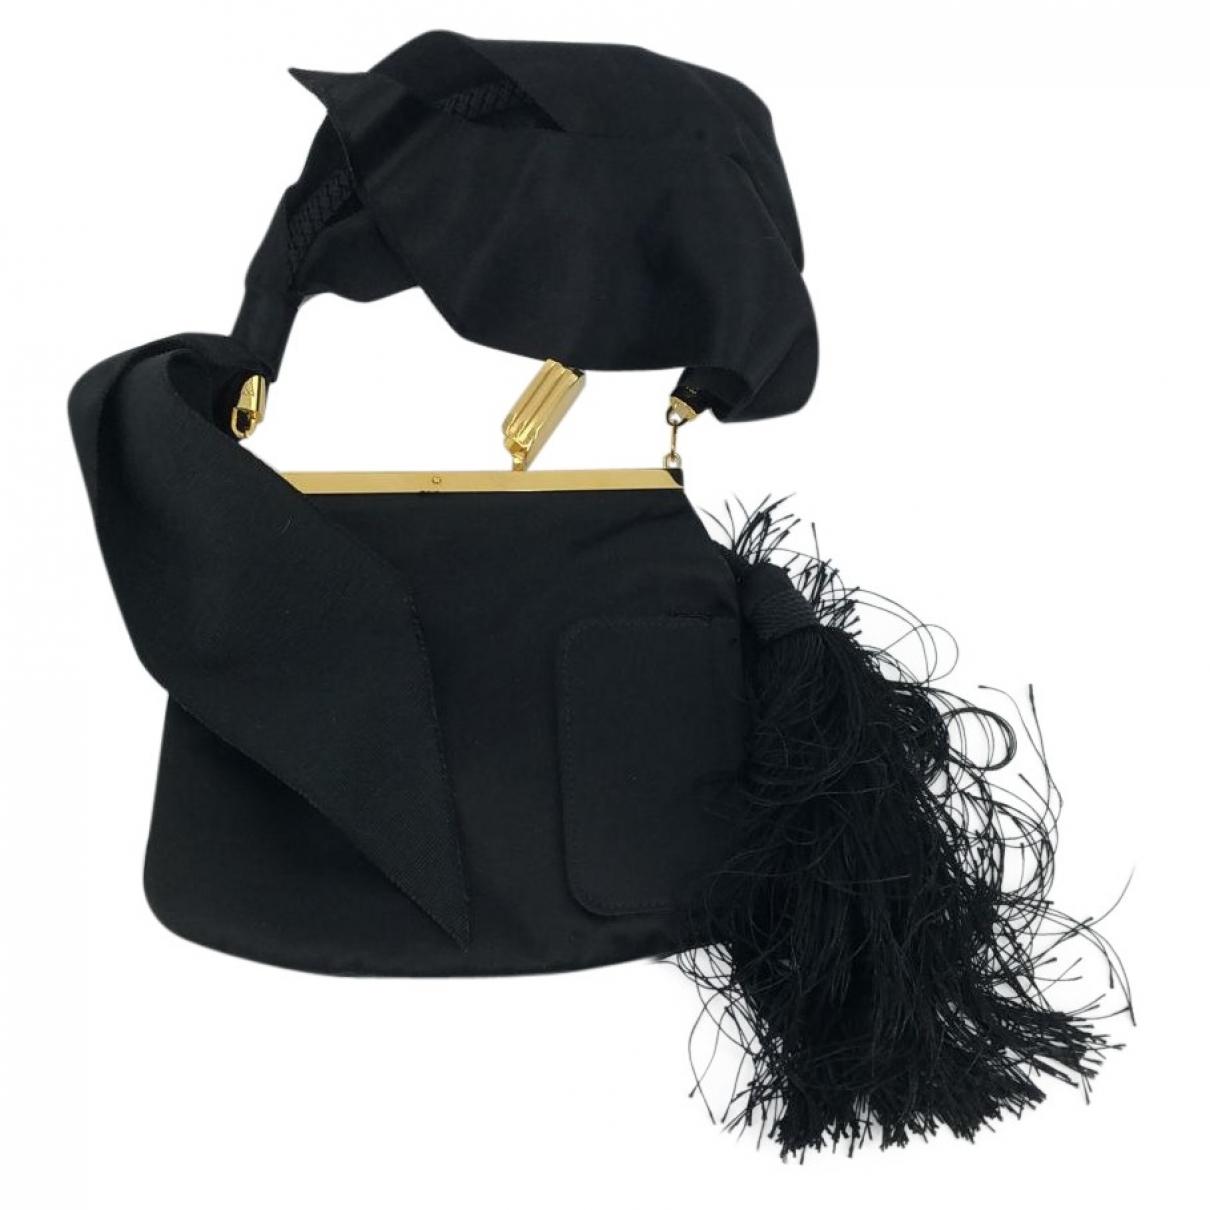 Bienen Davis \N Black Velvet handbag for Women \N